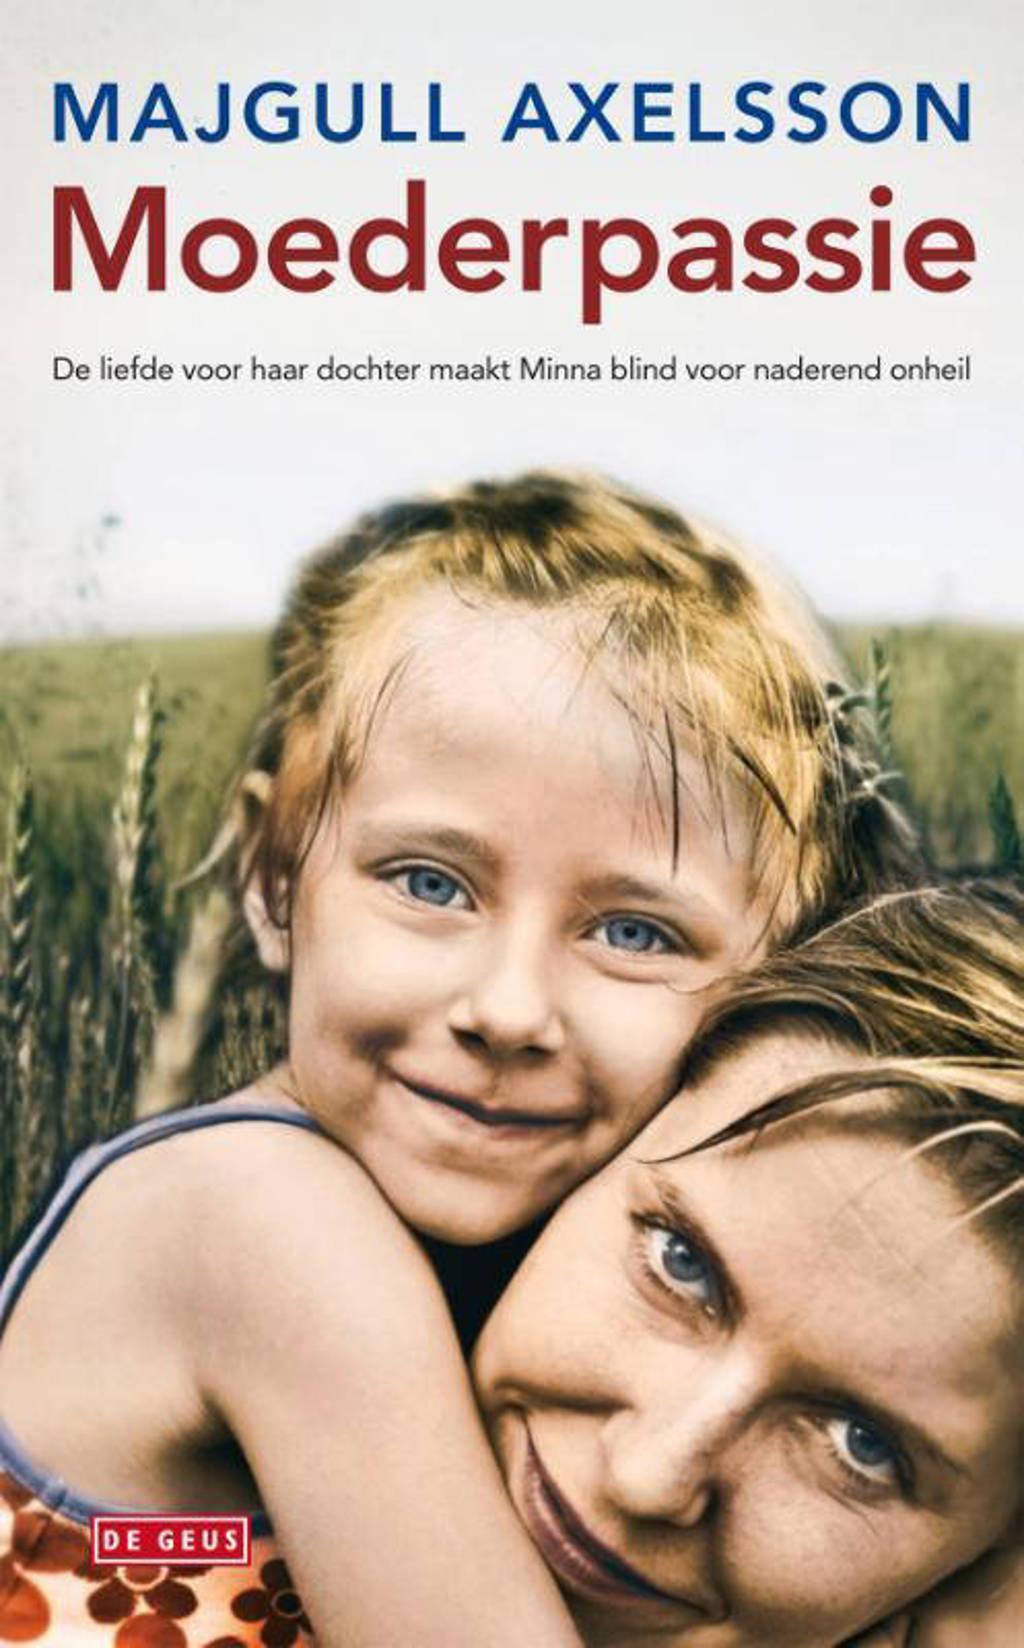 Moederpassie - Majgull Axelsson